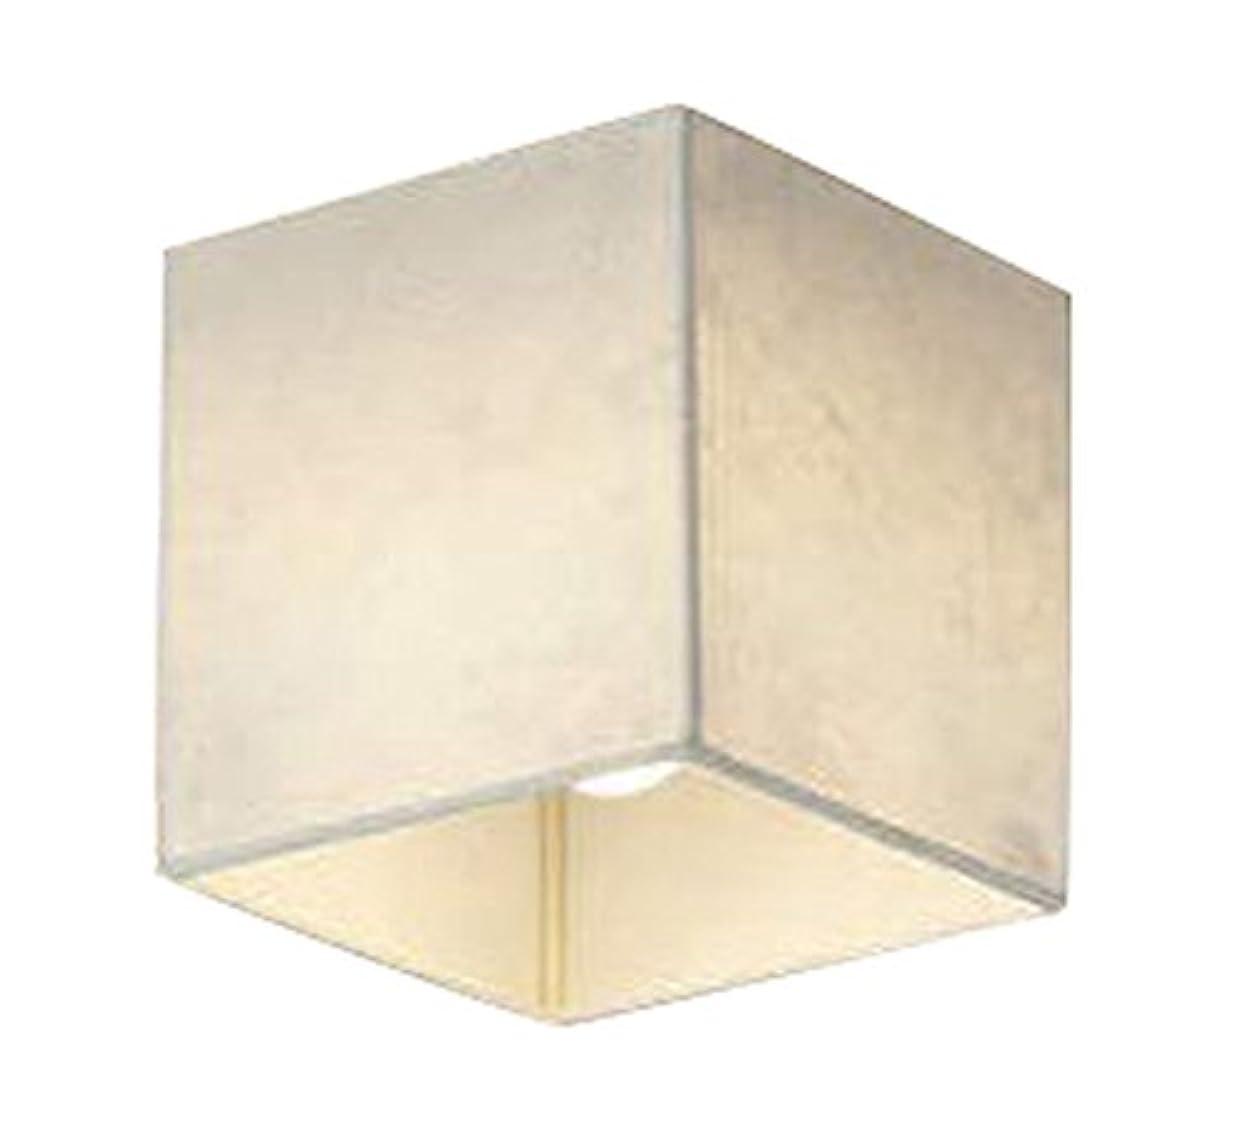 大使館切り刻む証書コイズミ照明 和風照明 小型シーリング フランジ 白熱球60W相当 □120 電球色 AHE670279